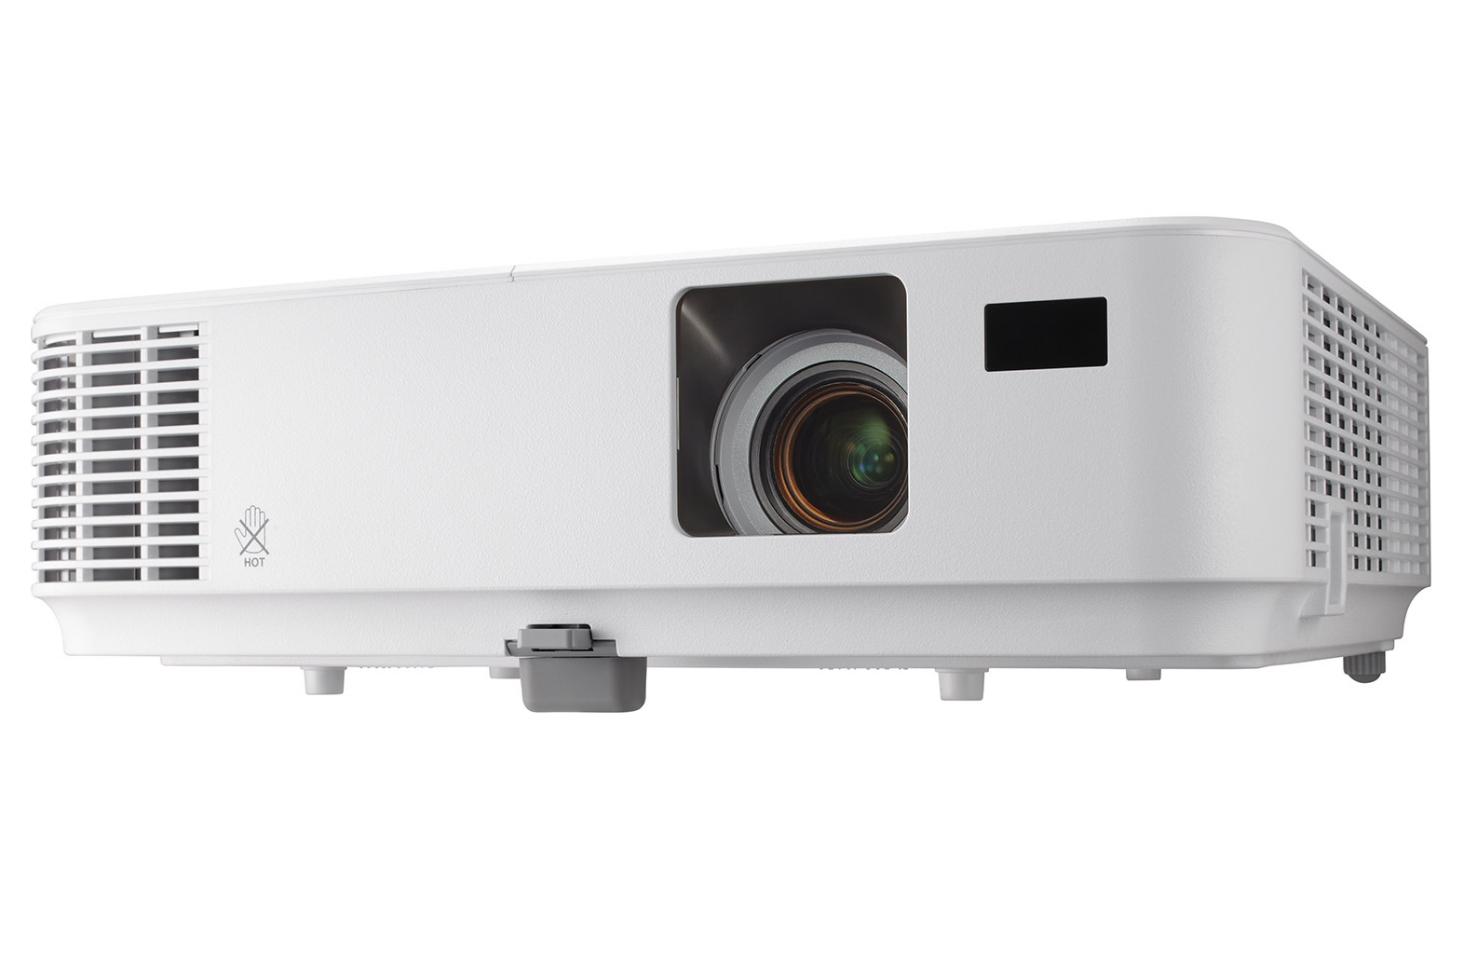 NEC - Projecteur DLP - 3D - 3000L - 1024x768 XGA  - 2.7 kg